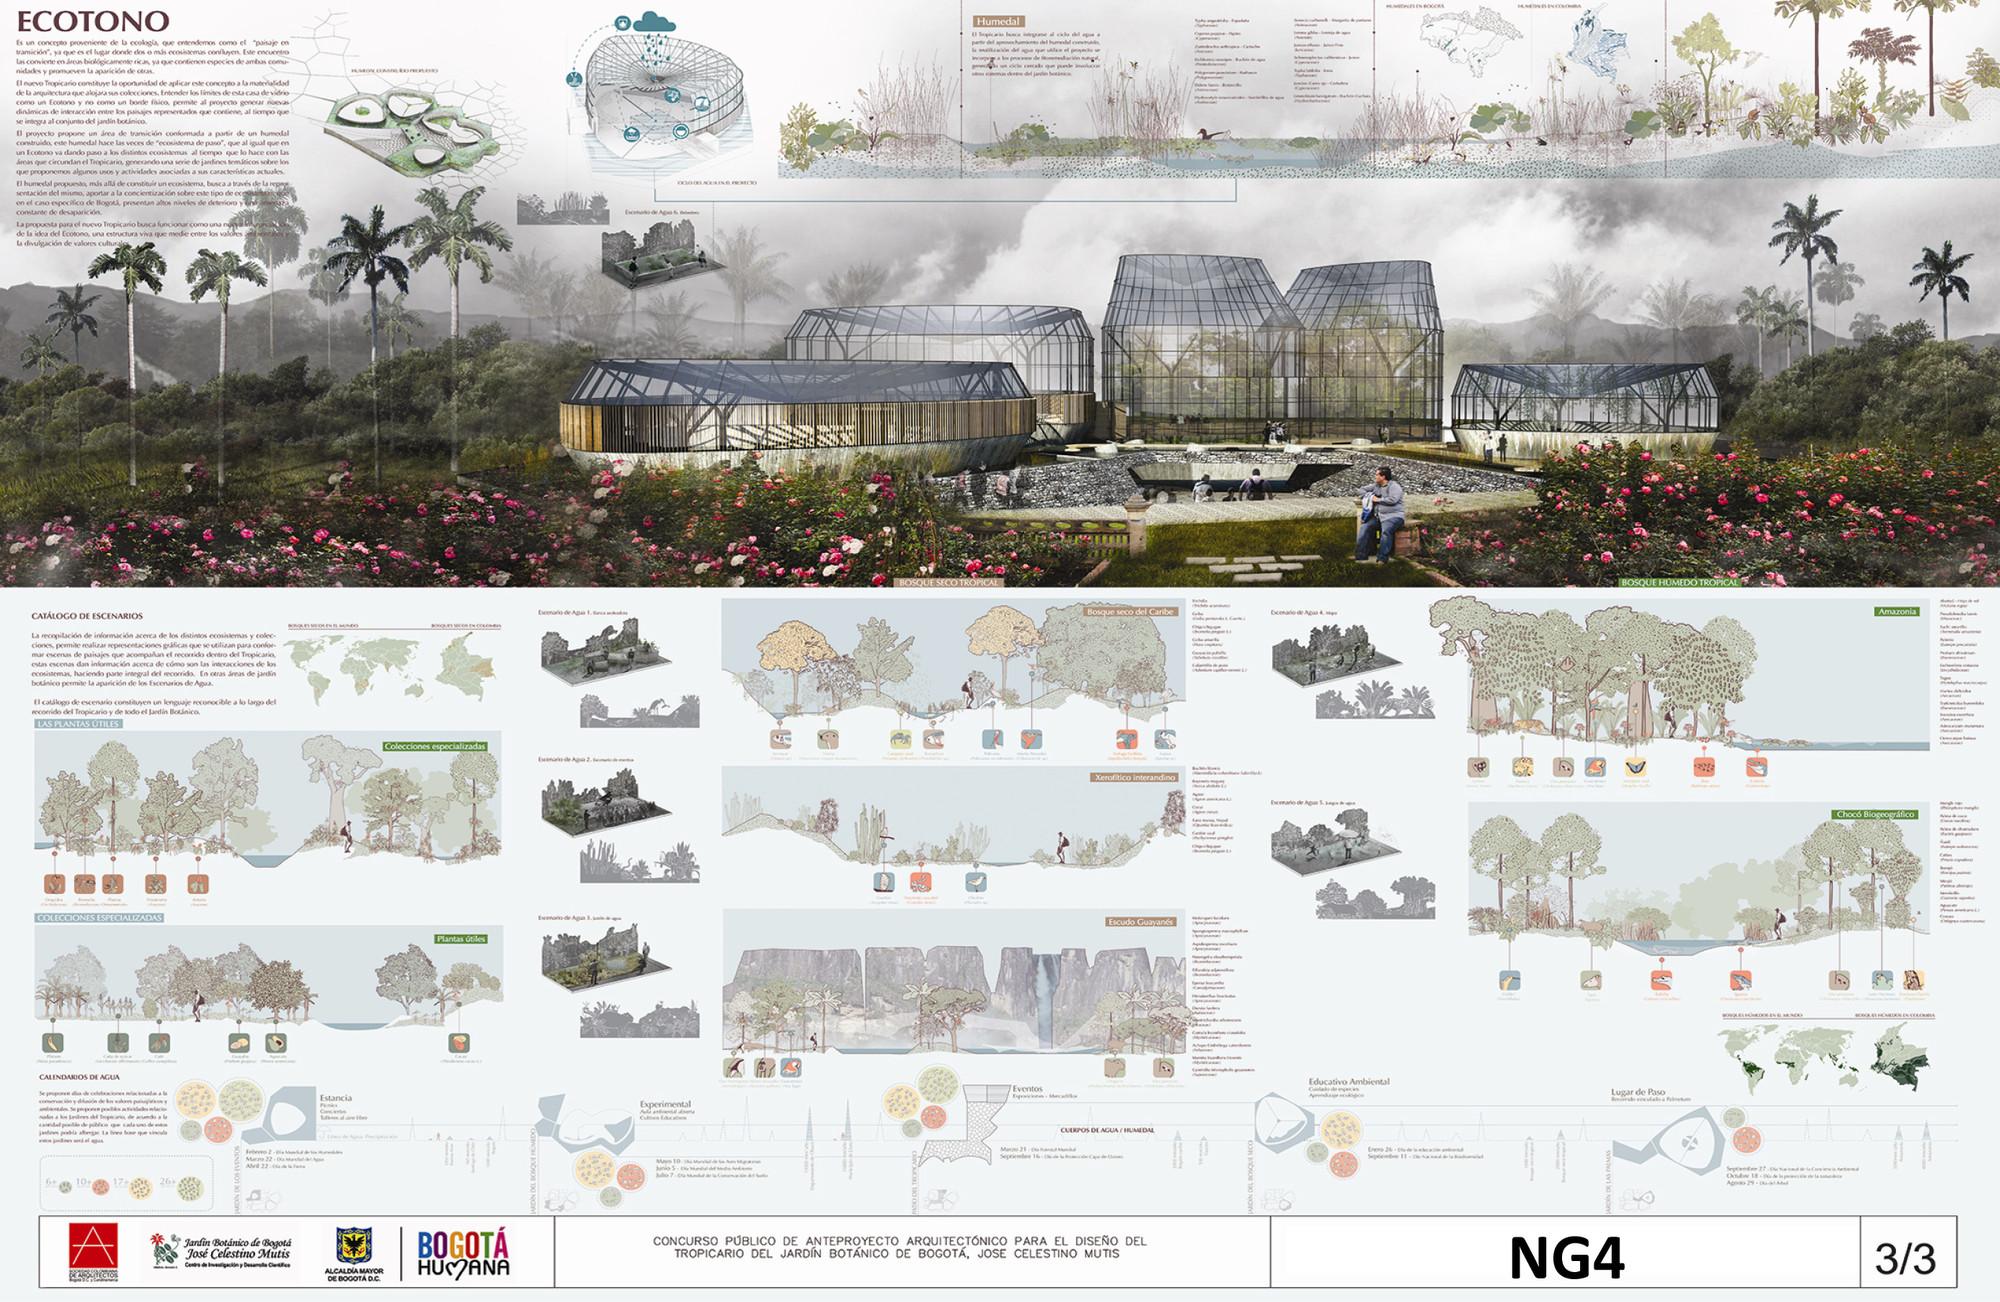 Anuncian ganadores del concurso de dise o del tropicario for Programas de arquitectura y diseno